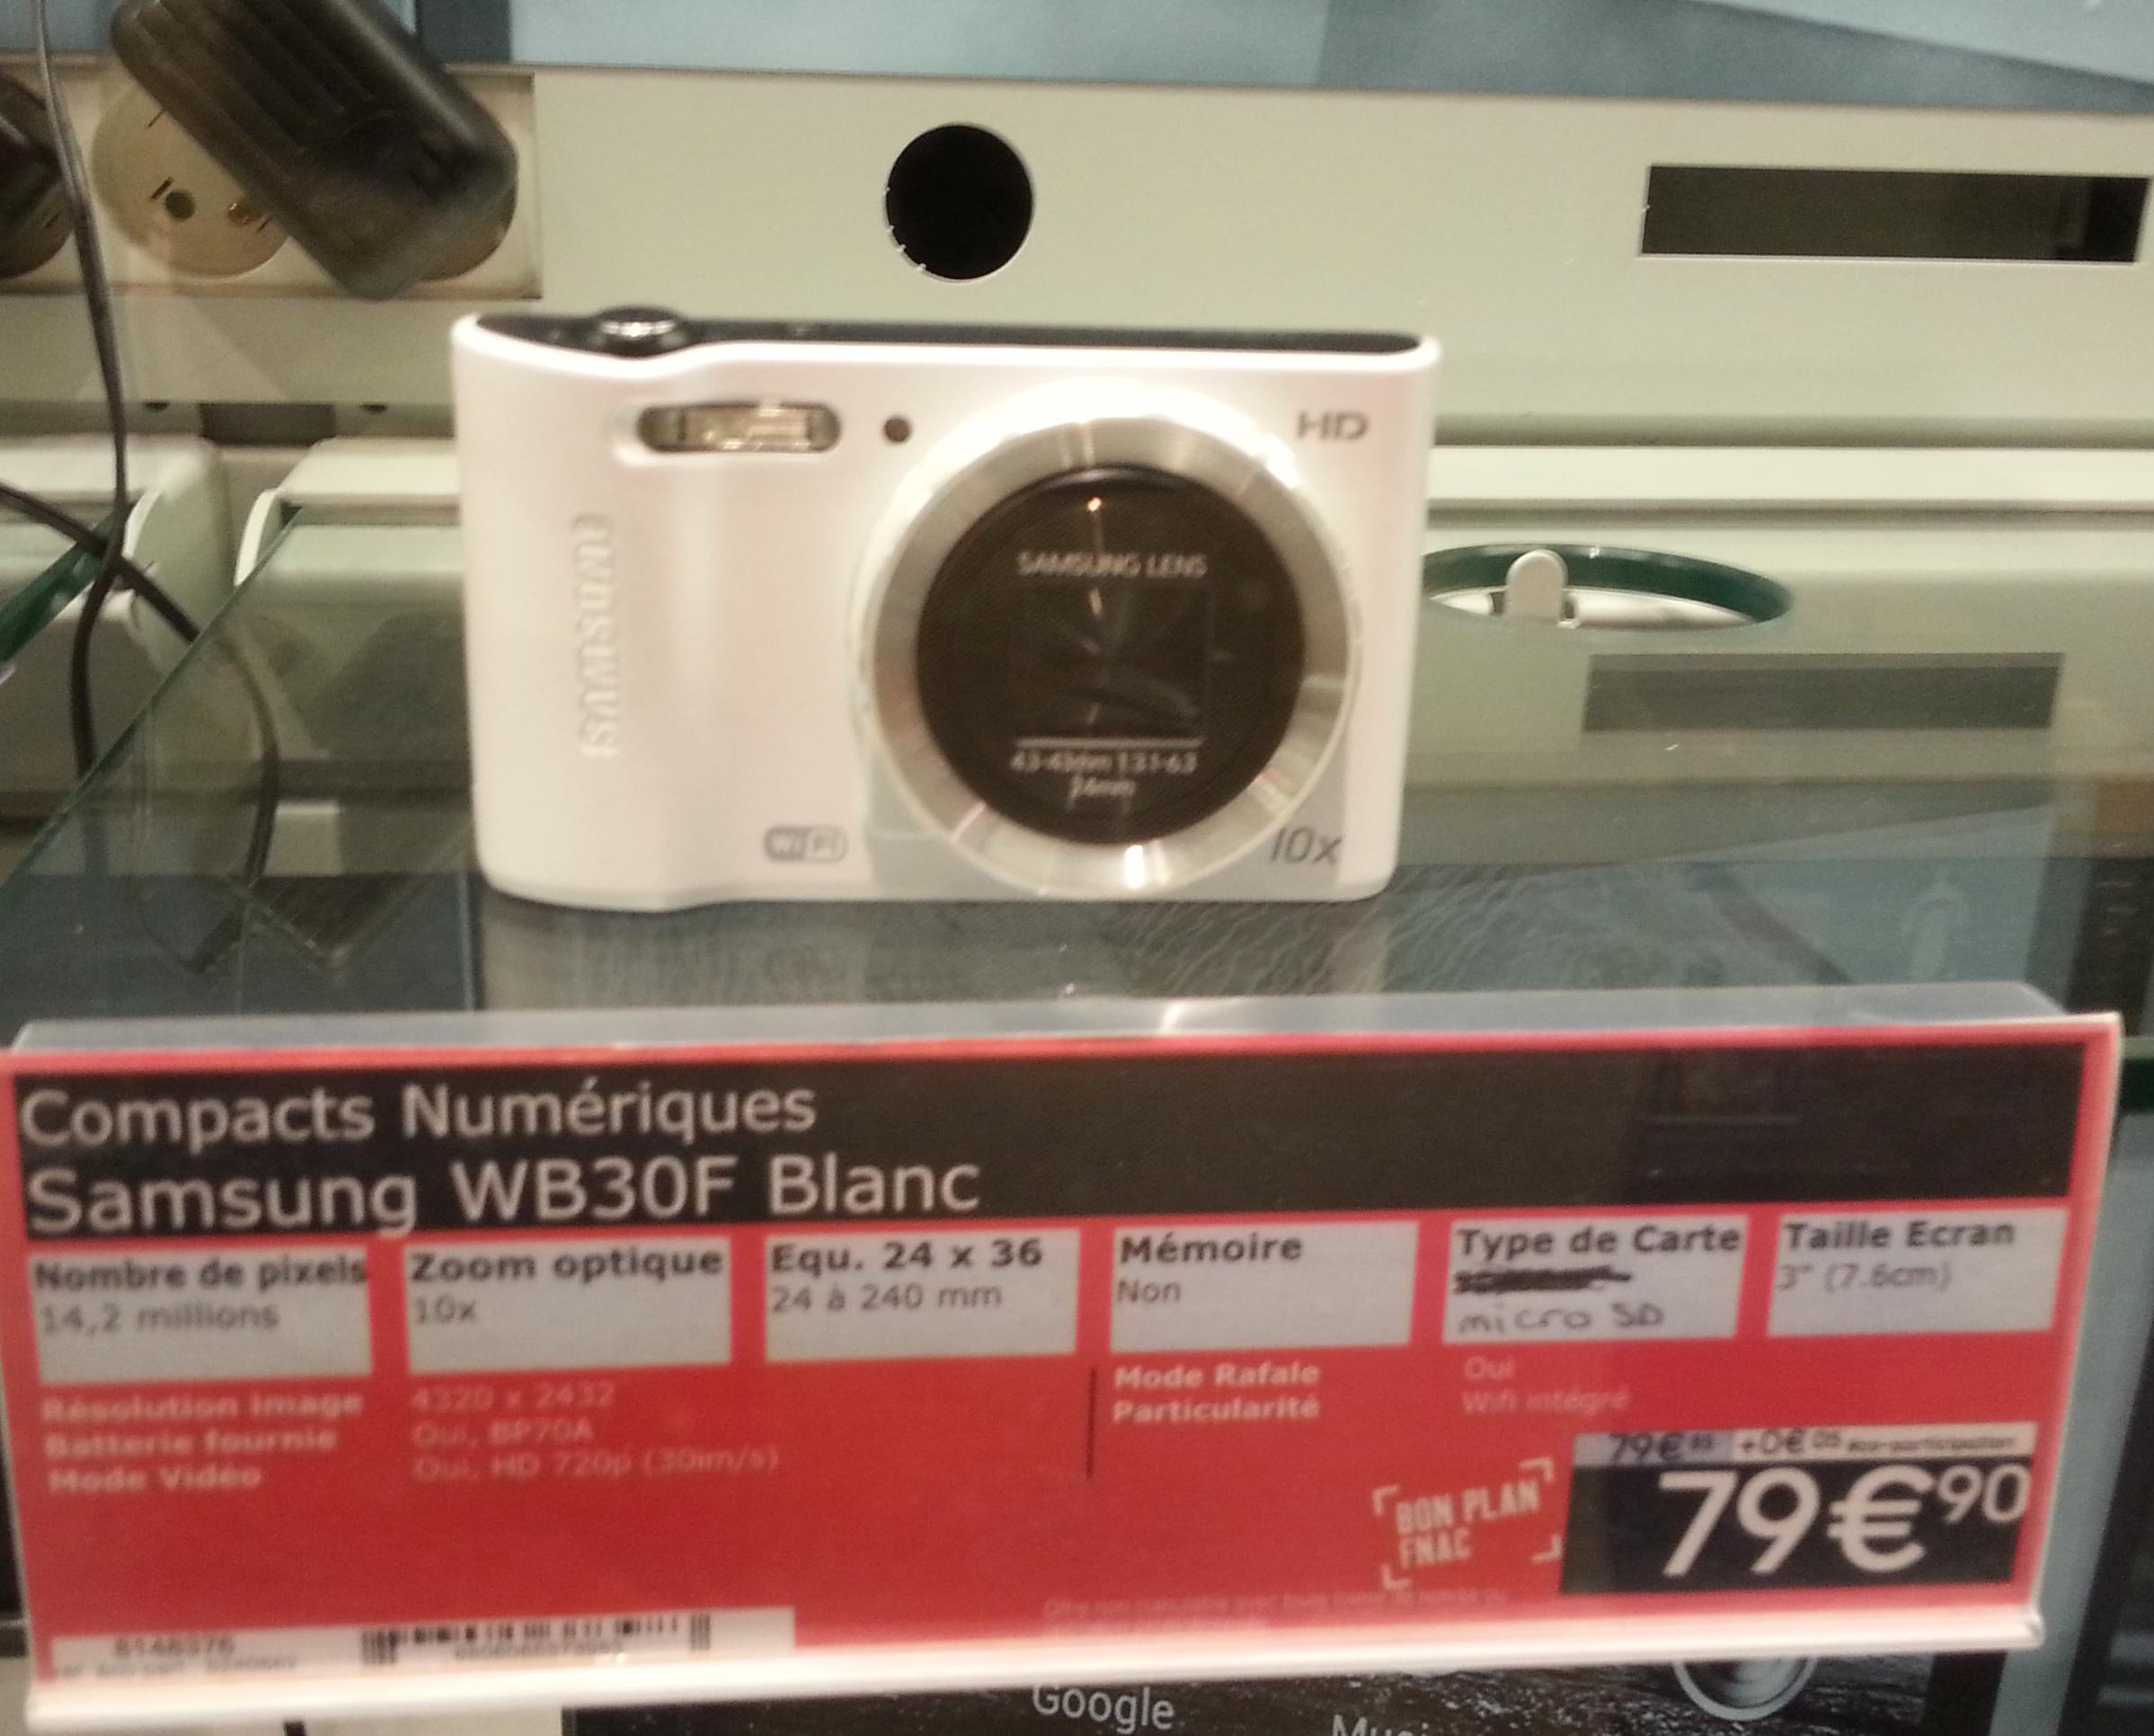 Compact Samsung WB30F - Blanc